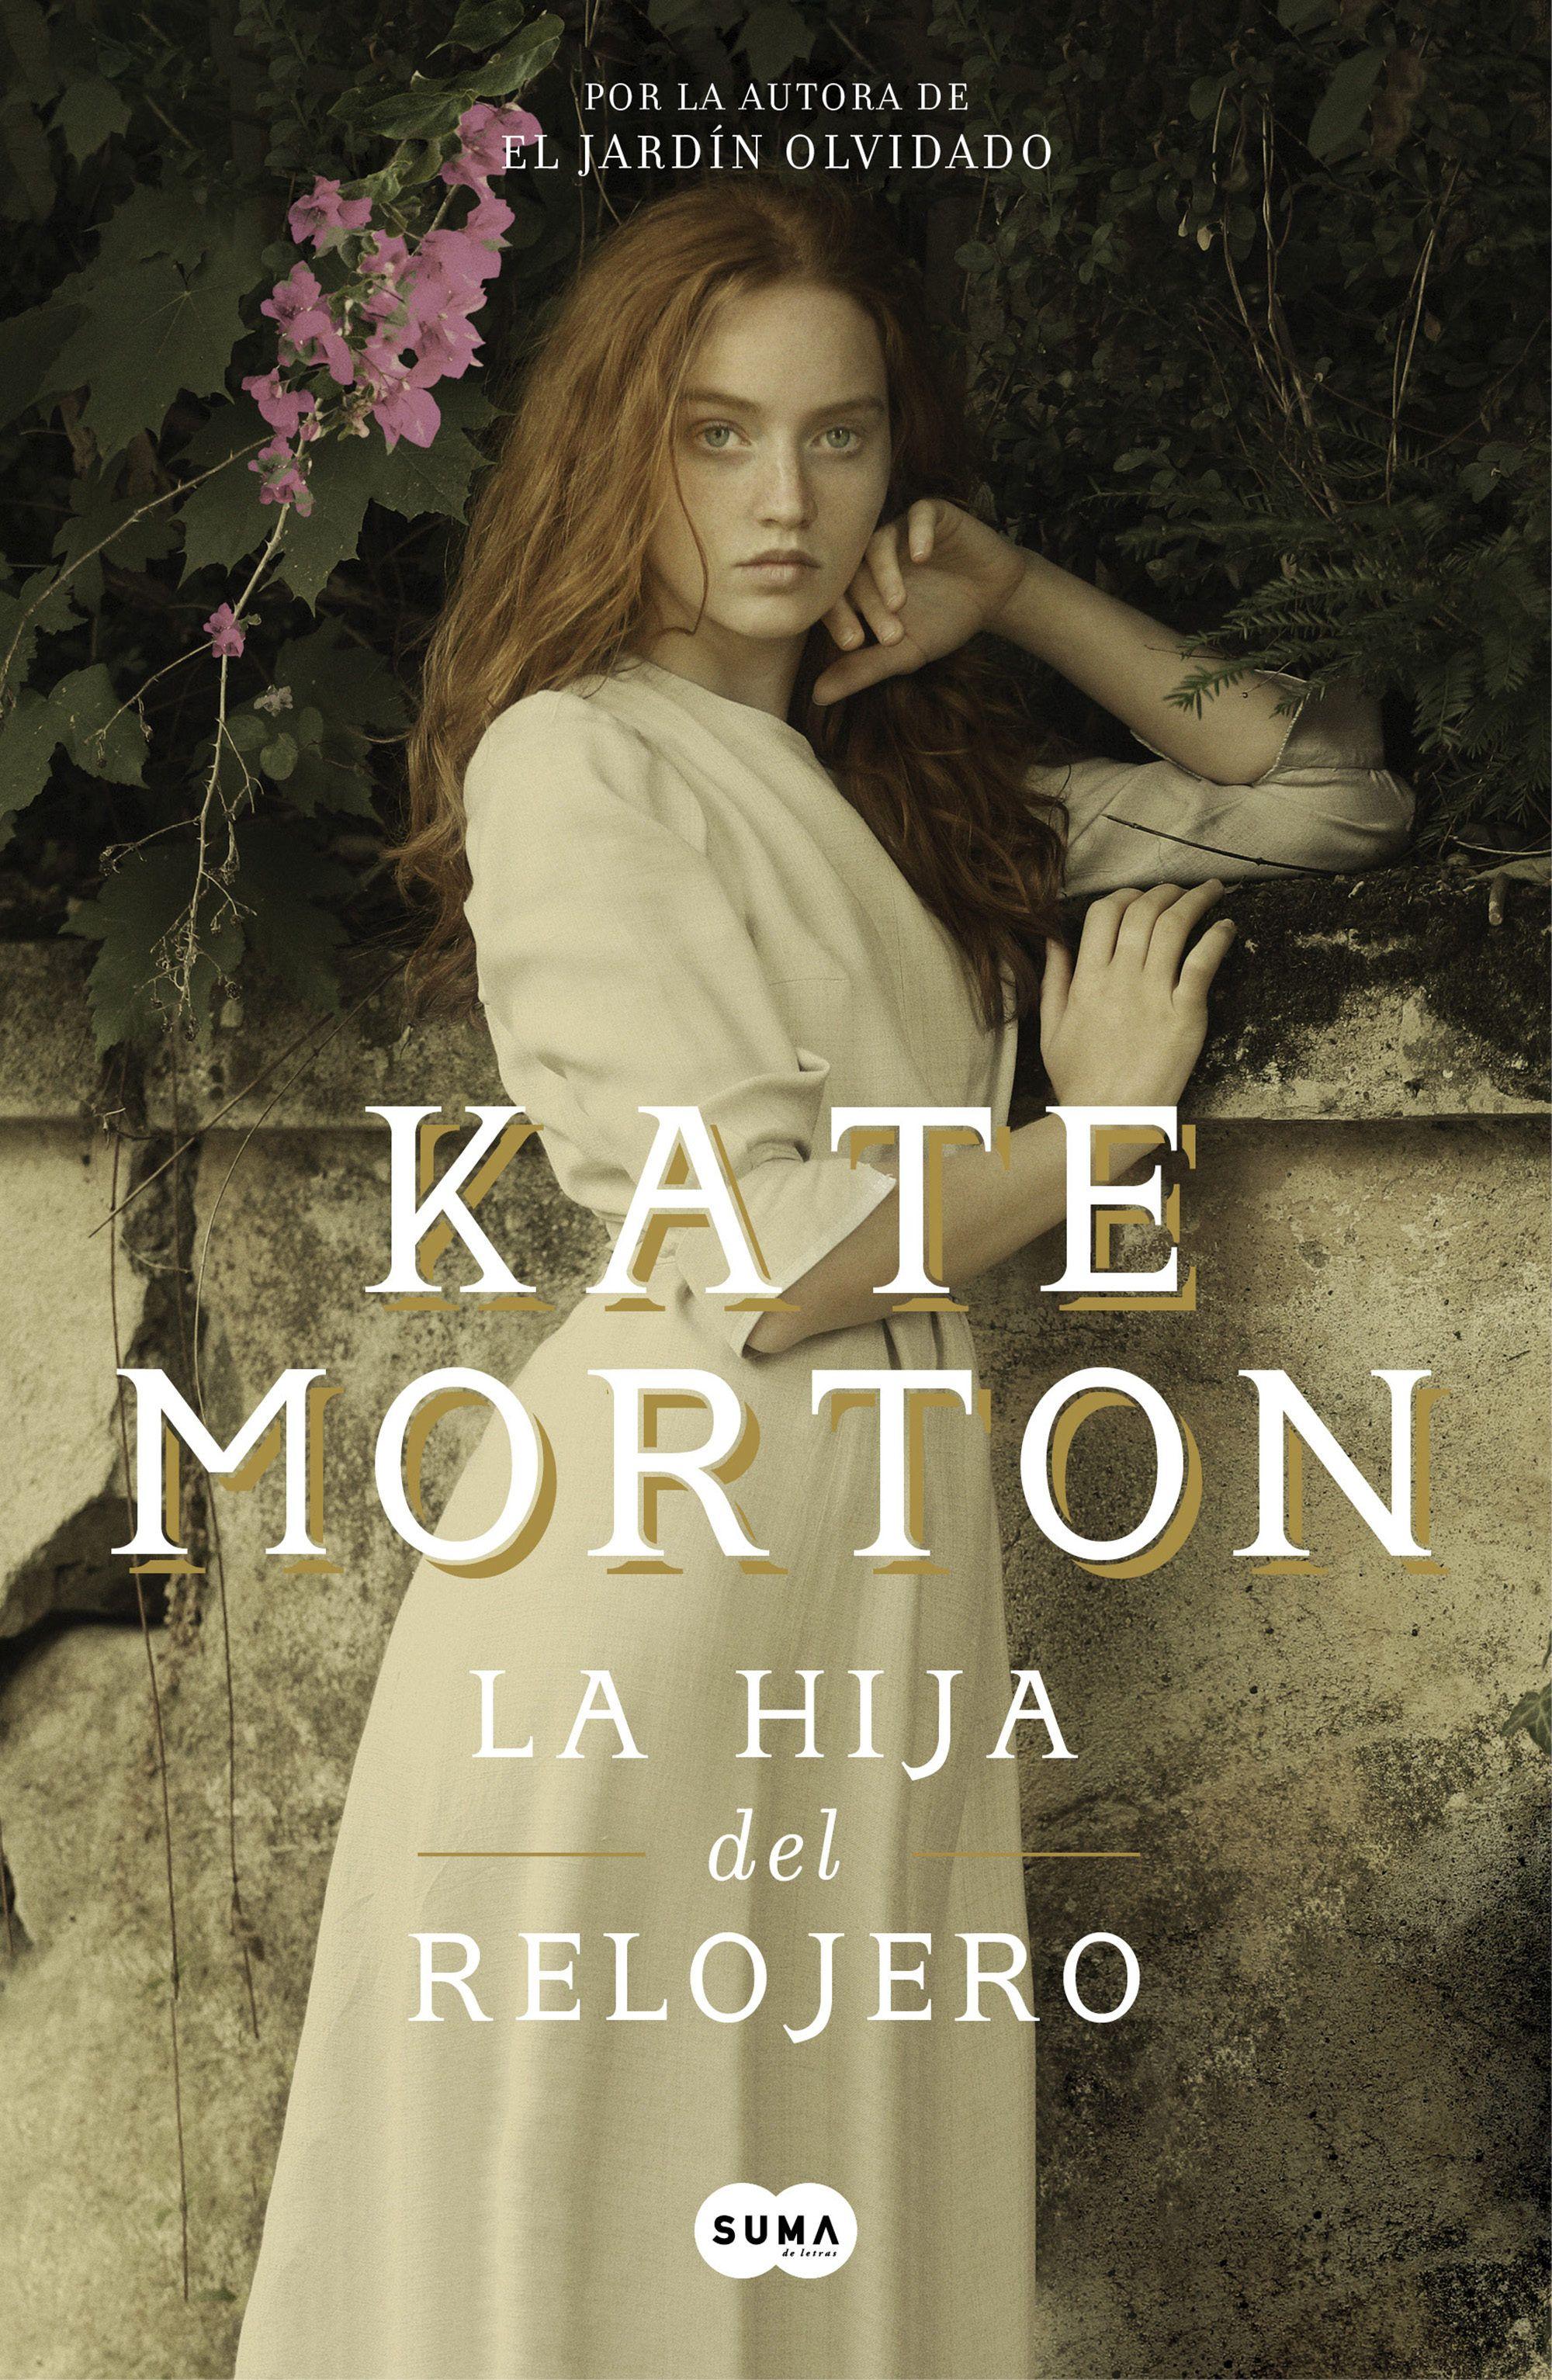 Descargar Libro Lo Que Quiero Lo Consigo La Hija Del Relojero Kate Morton 9788491292166 Libros Libros